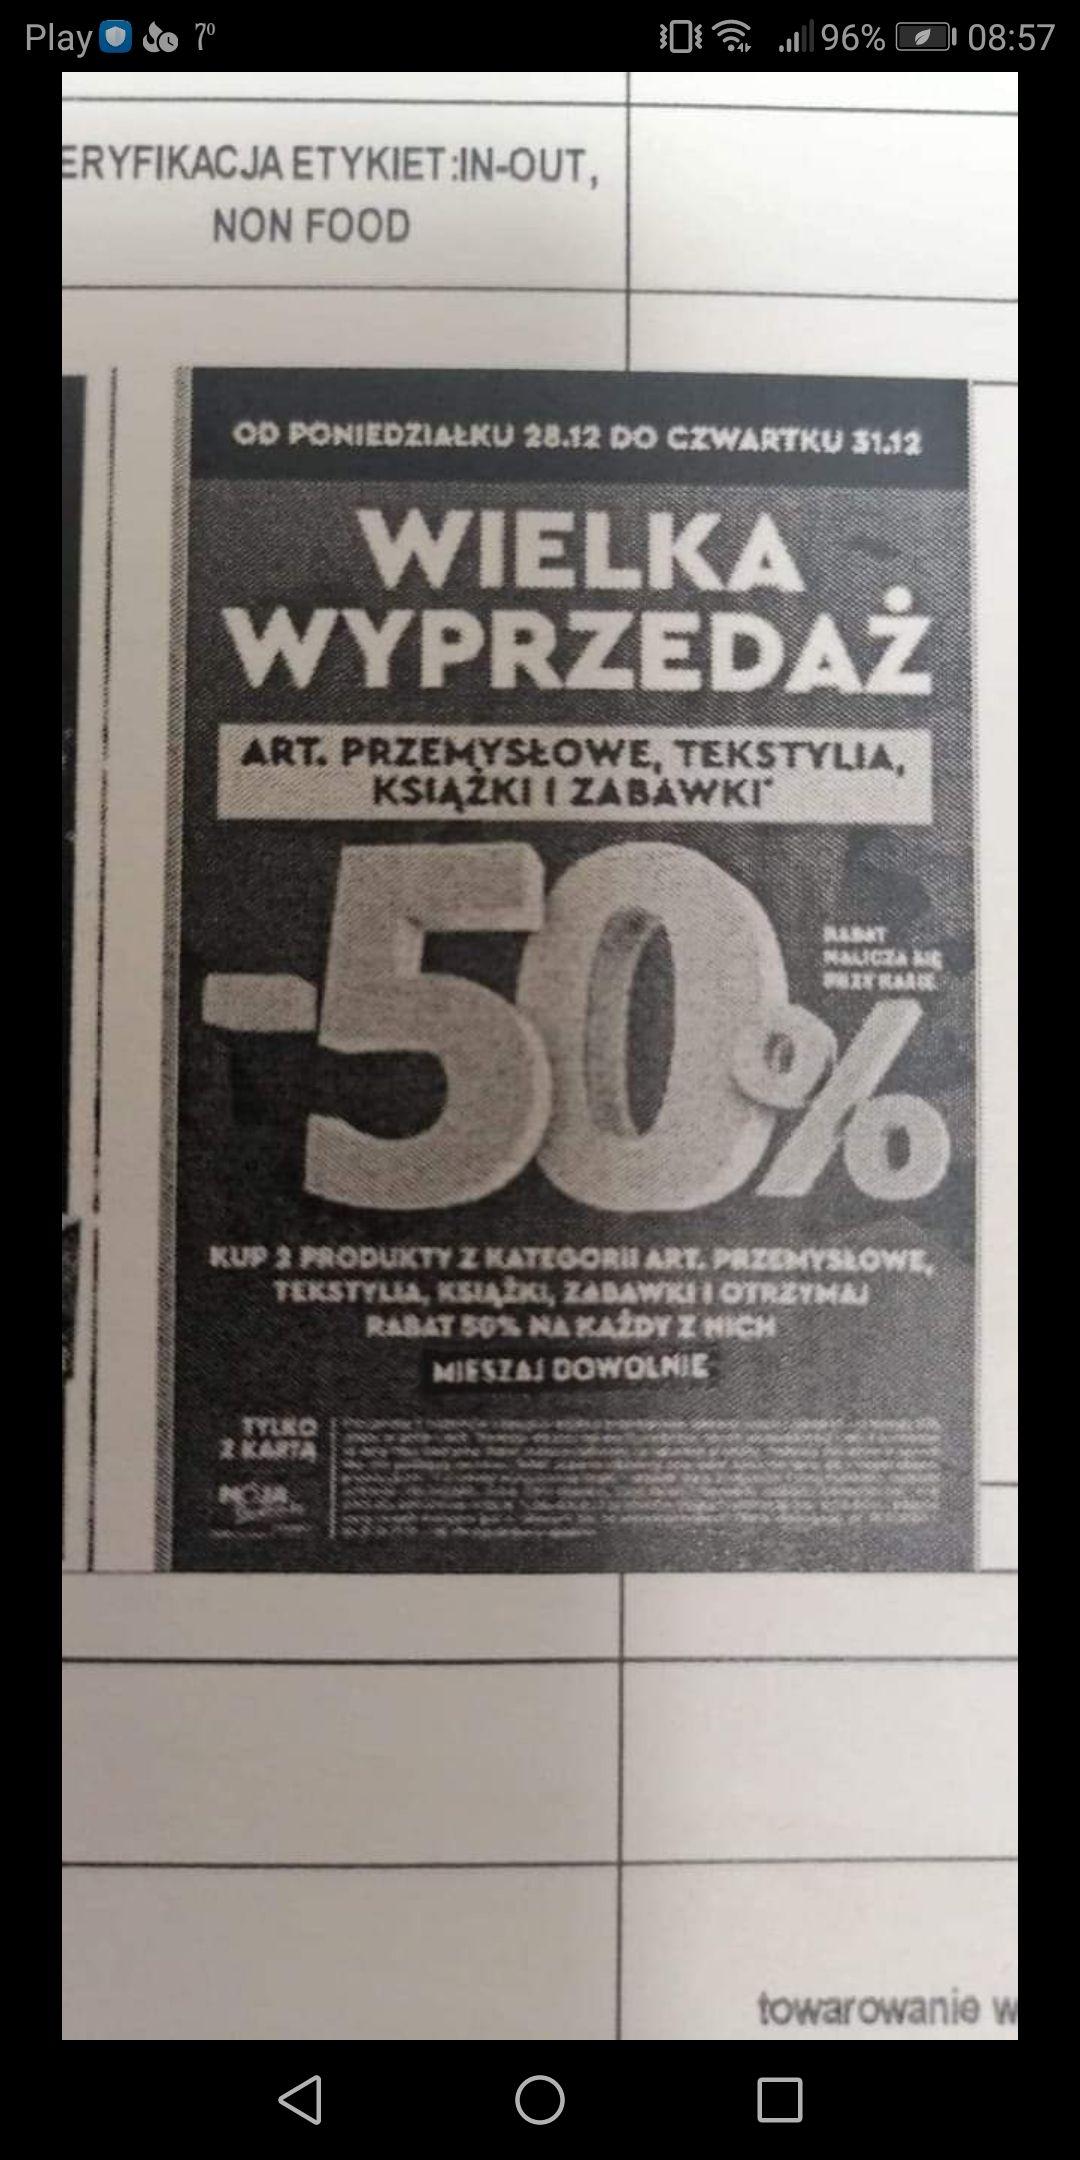 Biedronka 50% rabatu z MB na zabawki, tekstylia itd od 28.12